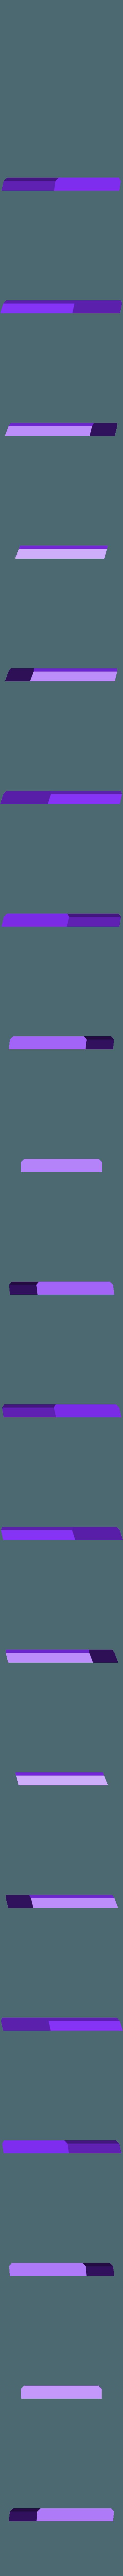 Foot-Right-Gray.stl Télécharger fichier STL gratuit Big Optimus Prime! - Modèle multi-matériaux • Plan pour imprimante 3D, ChaosCoreTech